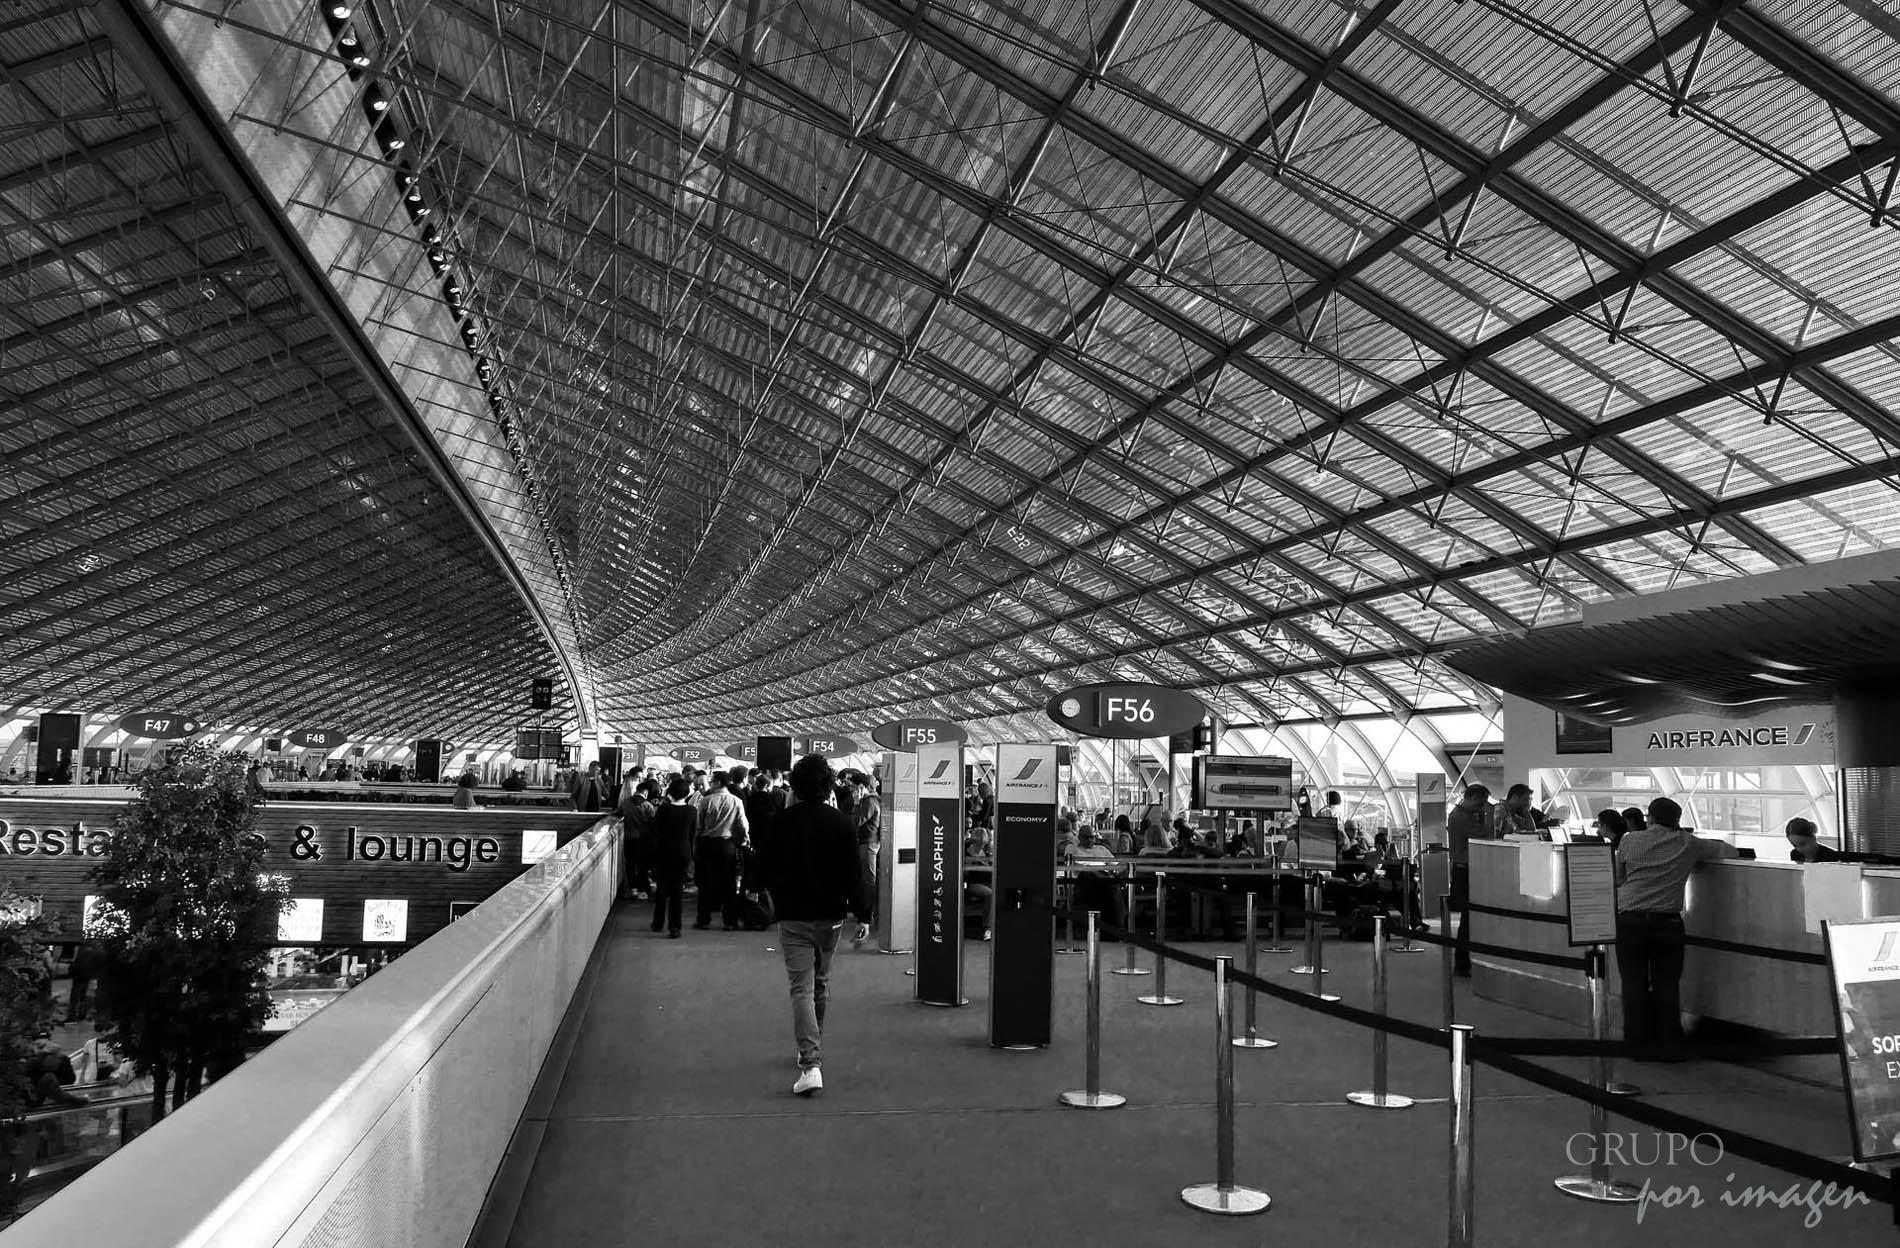 Aeropuerto Charles de Gaulle (París) / Efraín David